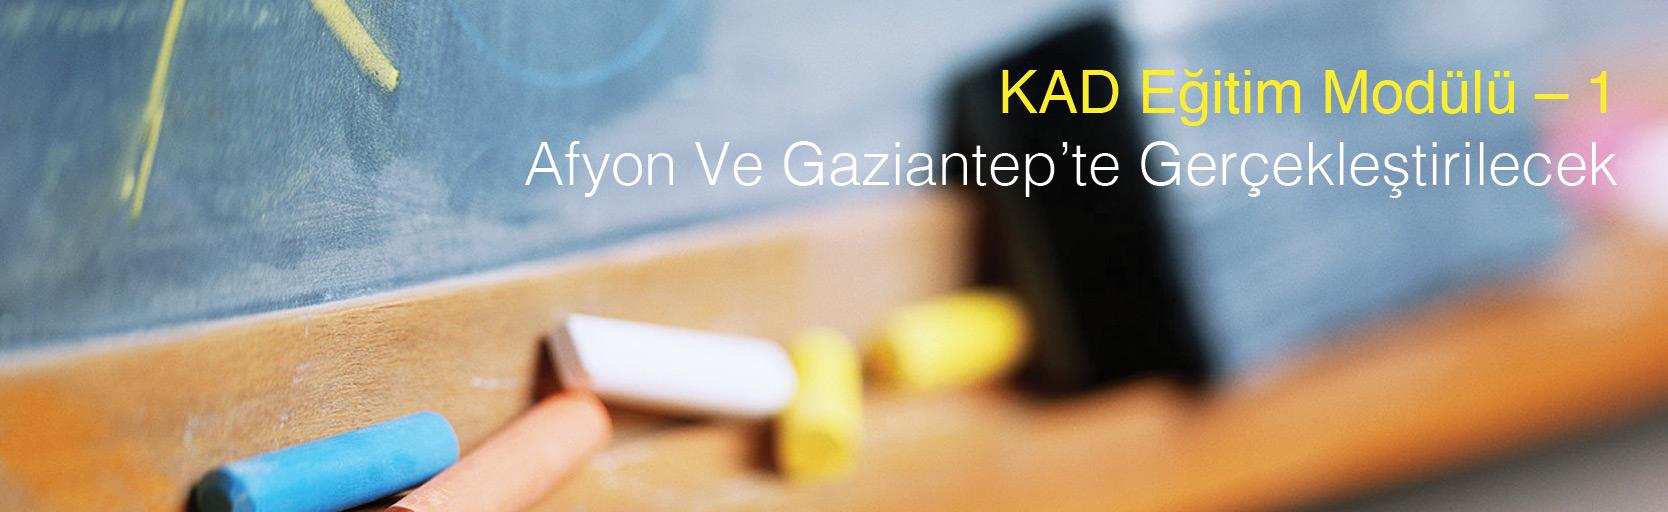 [:tr]KAD Eğitim Modülü – 1: Afyon ve Gaziantep'te[:]